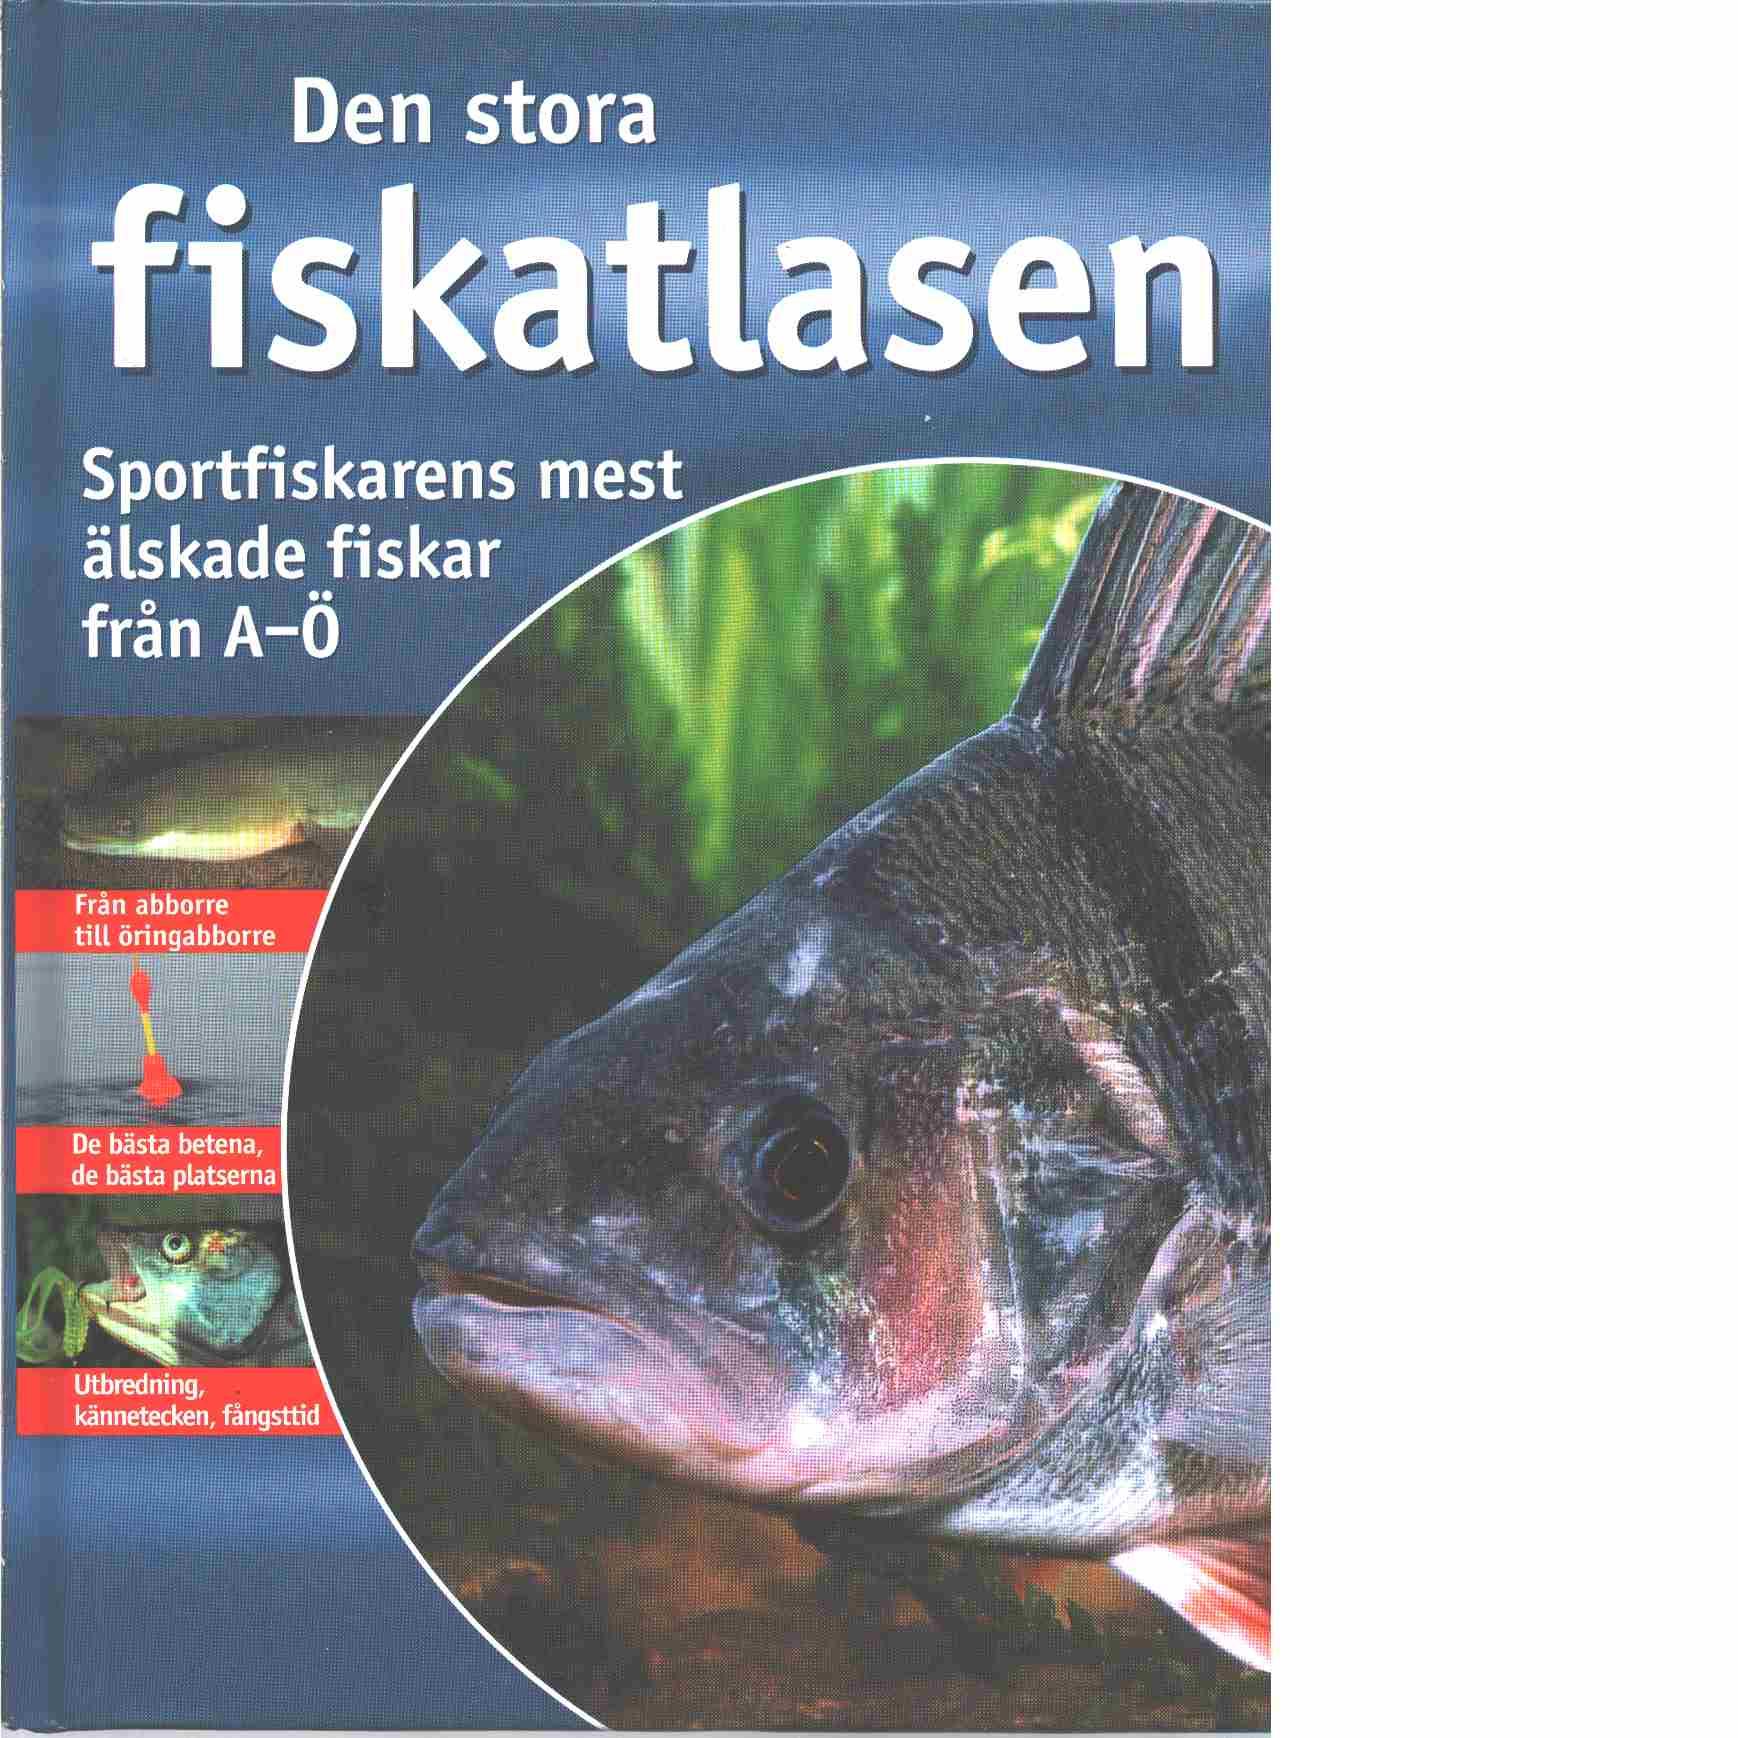 Den stora fiskatlasen- Sportfiskarens mest älskade fiskar från A-Ö -  Andreas, Janitzki